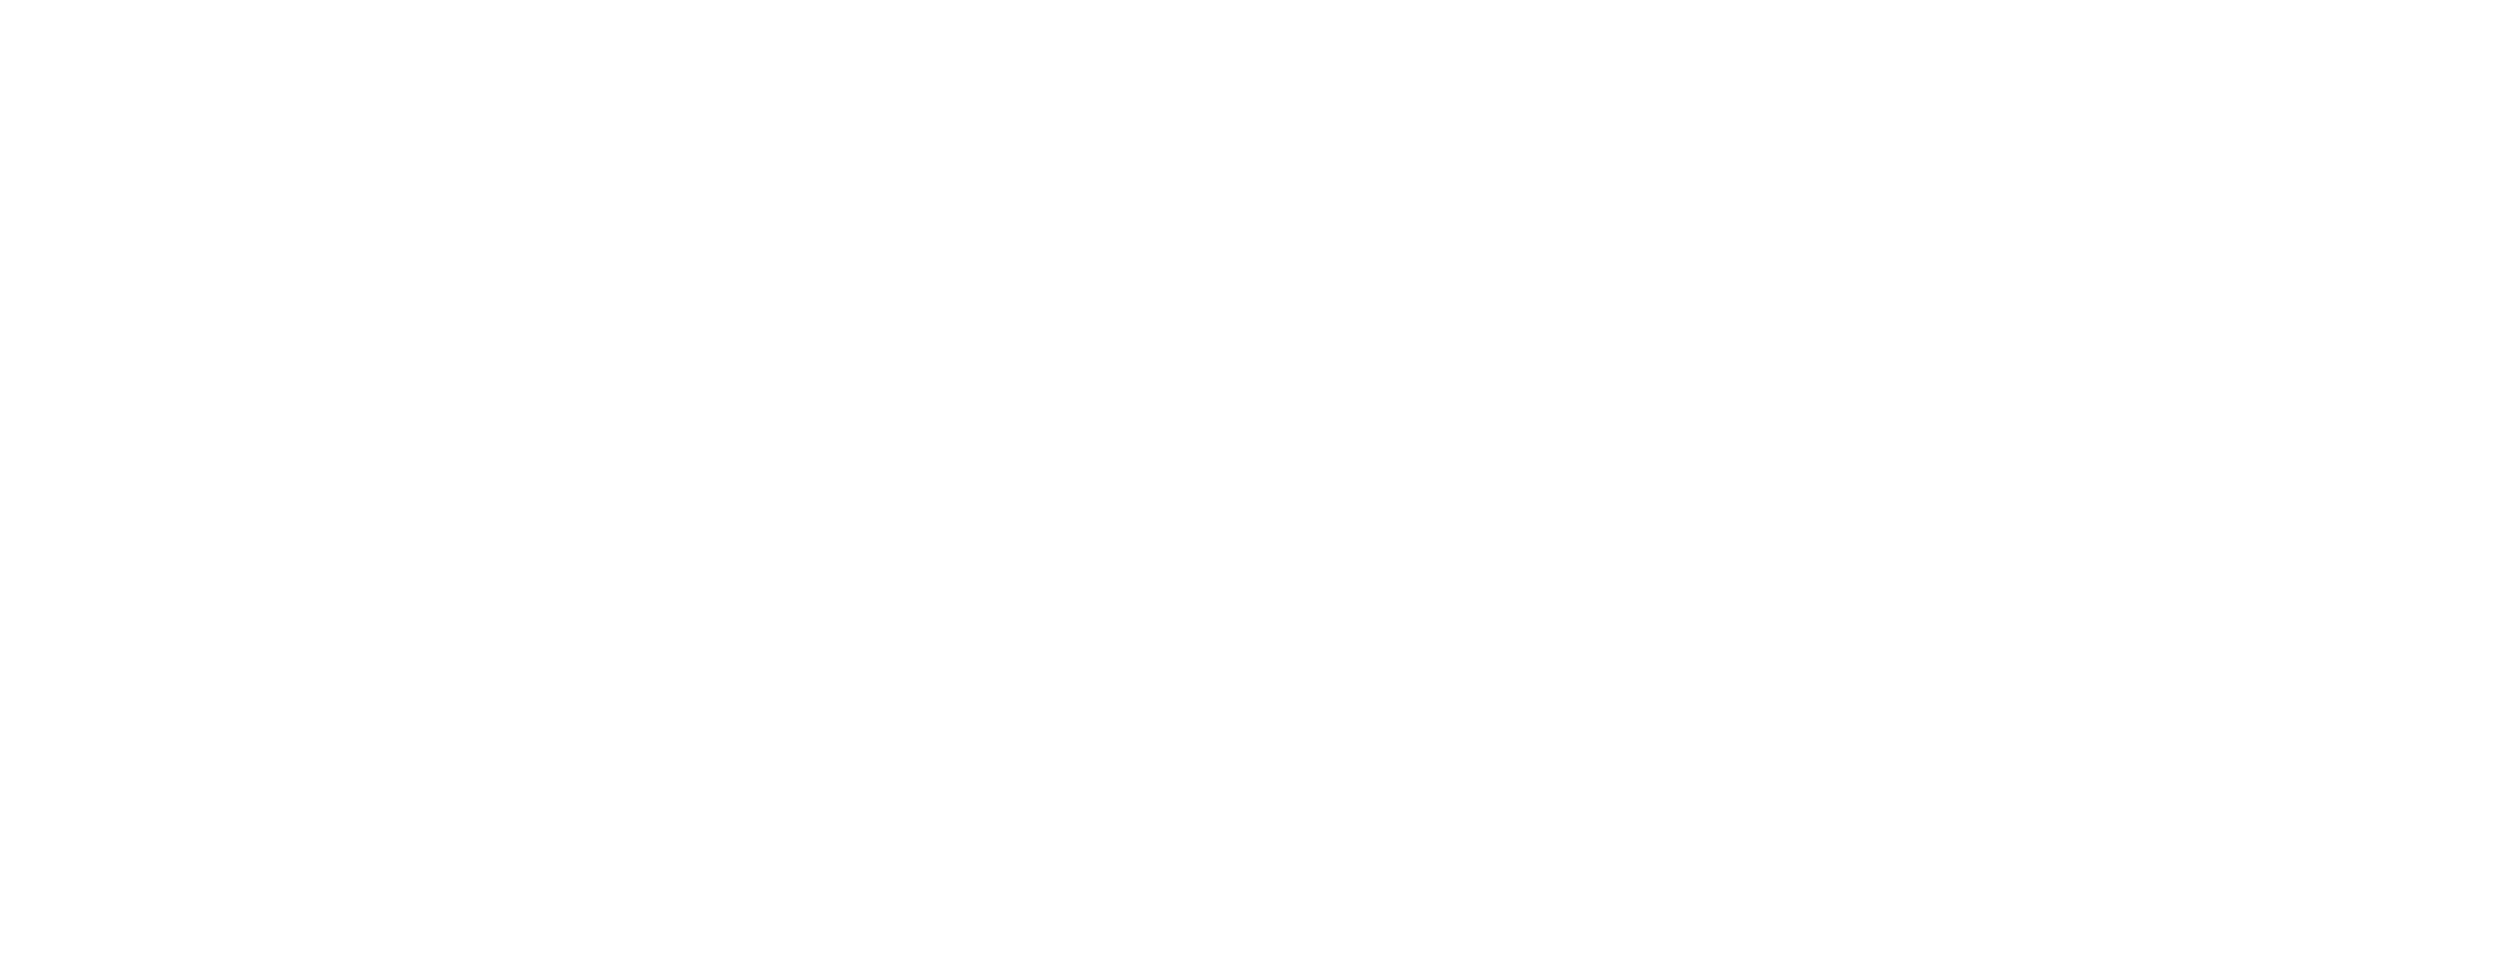 LGLogowhite.png